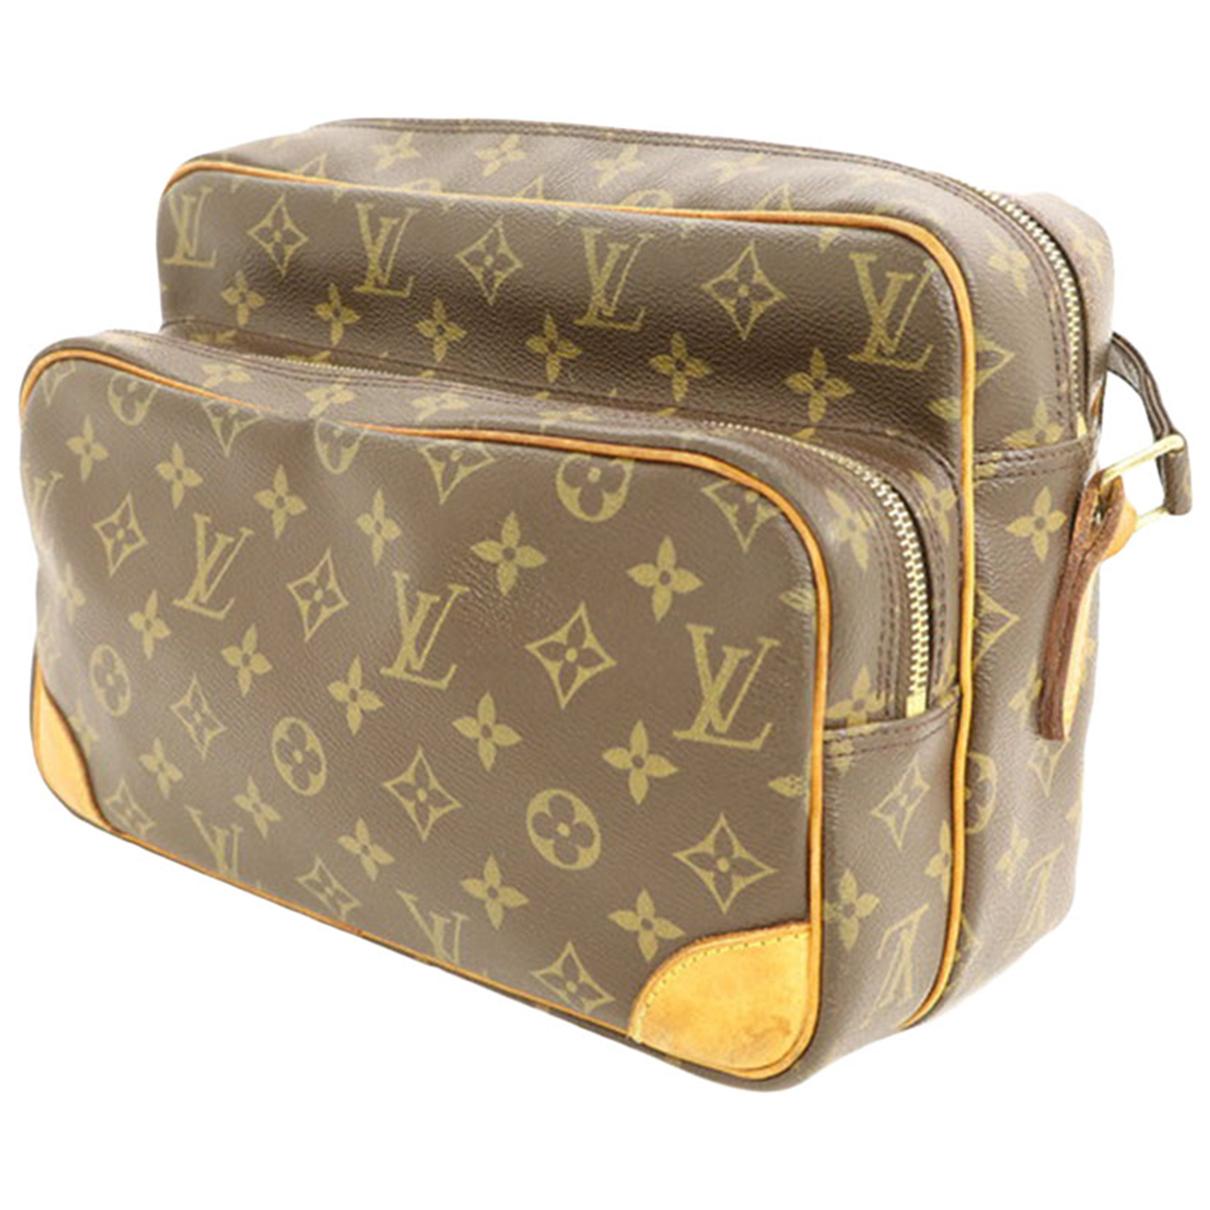 Louis Vuitton - Sac a main   pour femme en cuir - marron